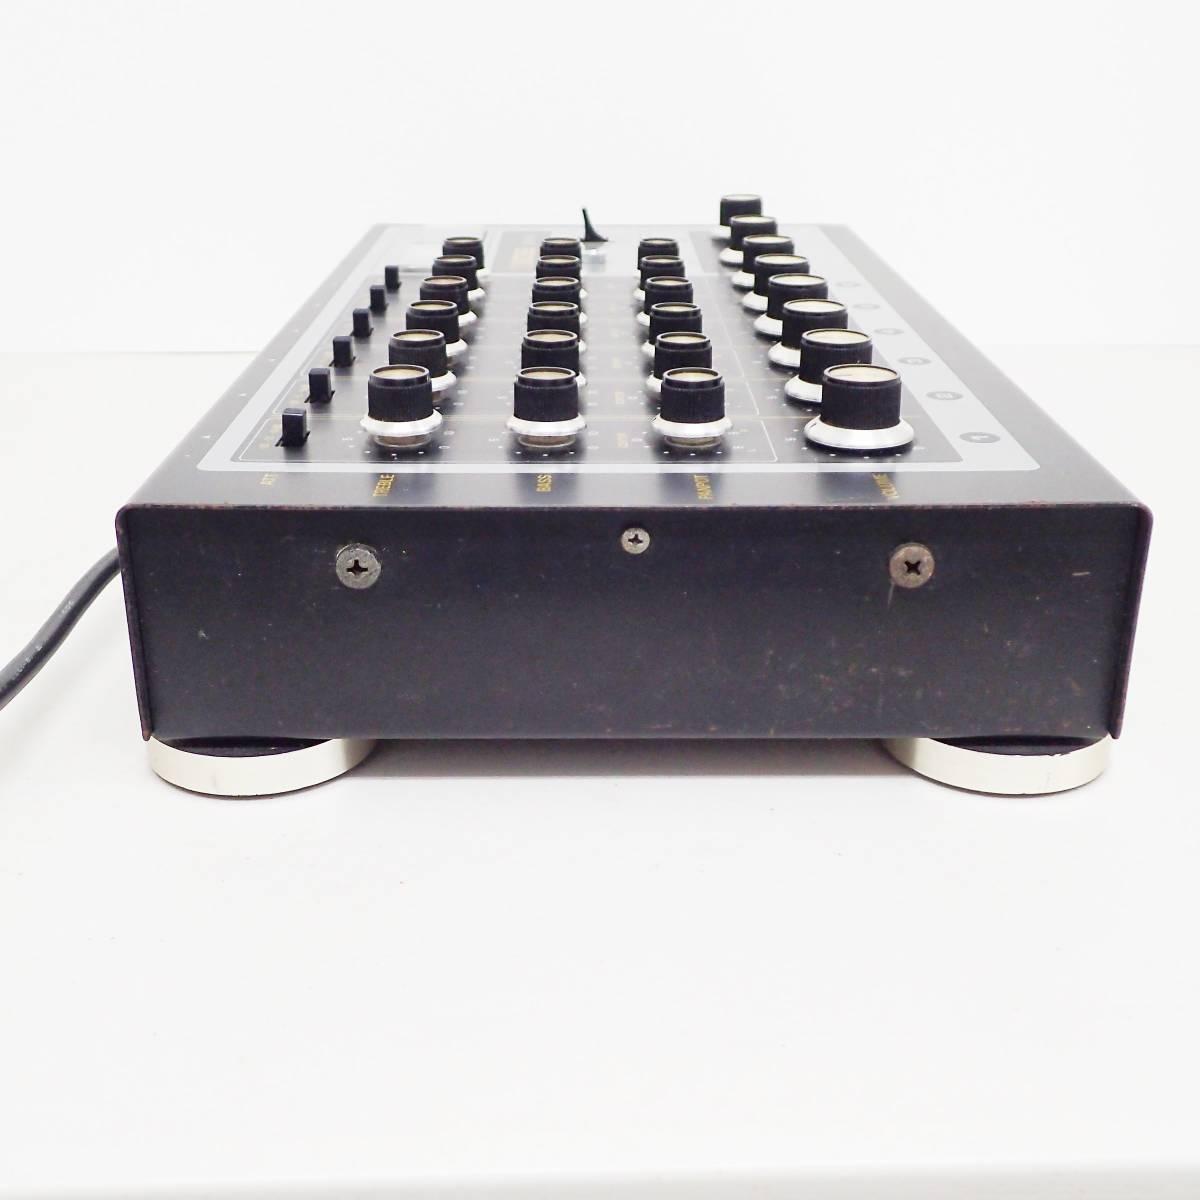 BOSS mixer KM-6A アナログ ミキサー Roland ローランド 通電確認済み  B01_画像5